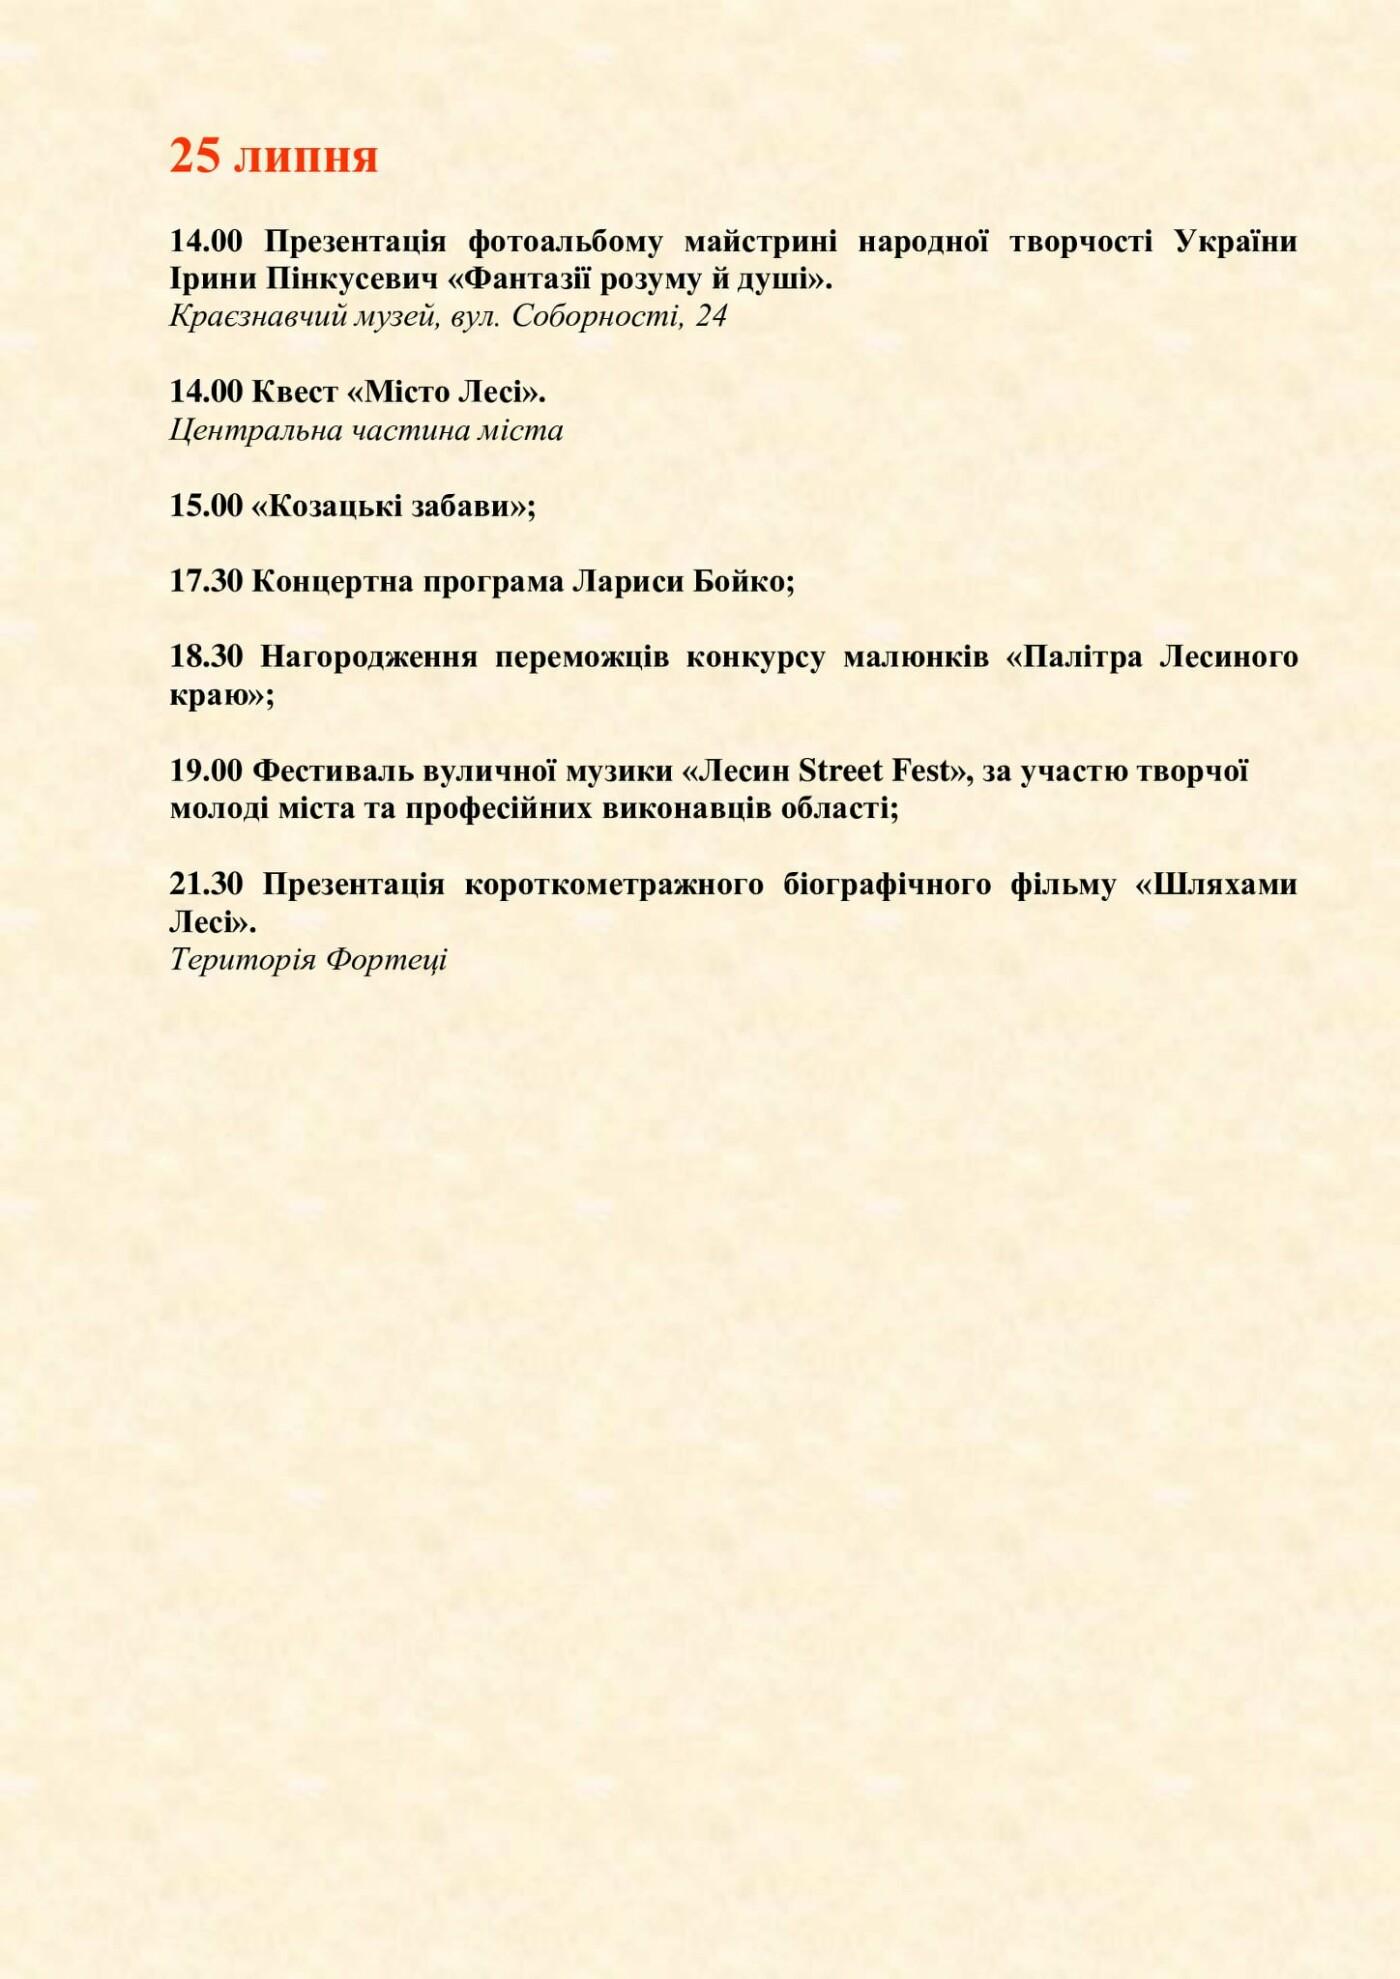 Коли Лесині Джерела в 2021 році, що подивитись?: Програма свята «Лесині джерела» 2021, фото-14